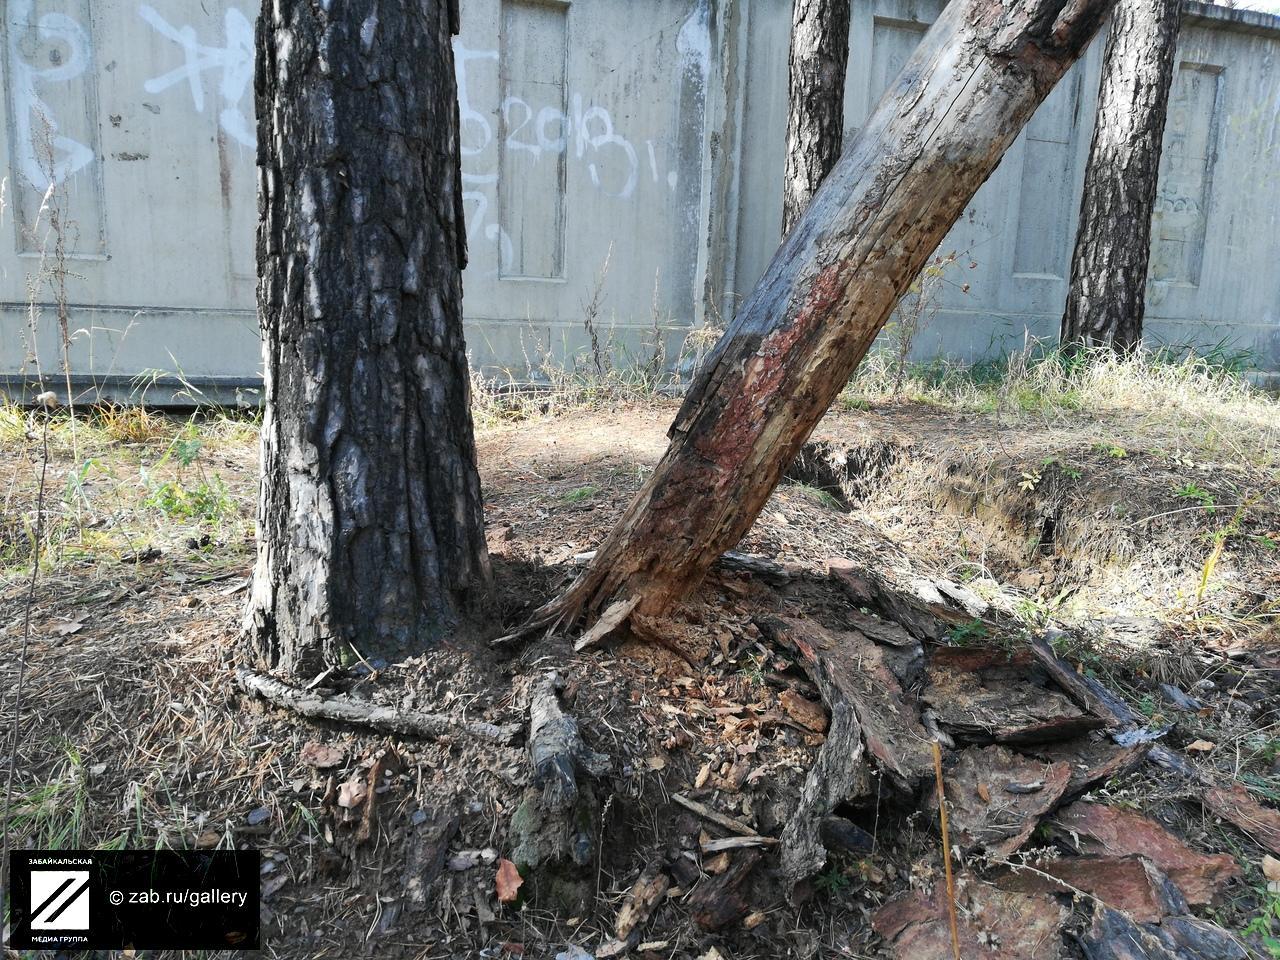 Сухое дерево грозит обрушиться на прохожих между «Академией Здоровья» и ККБ - очевидец